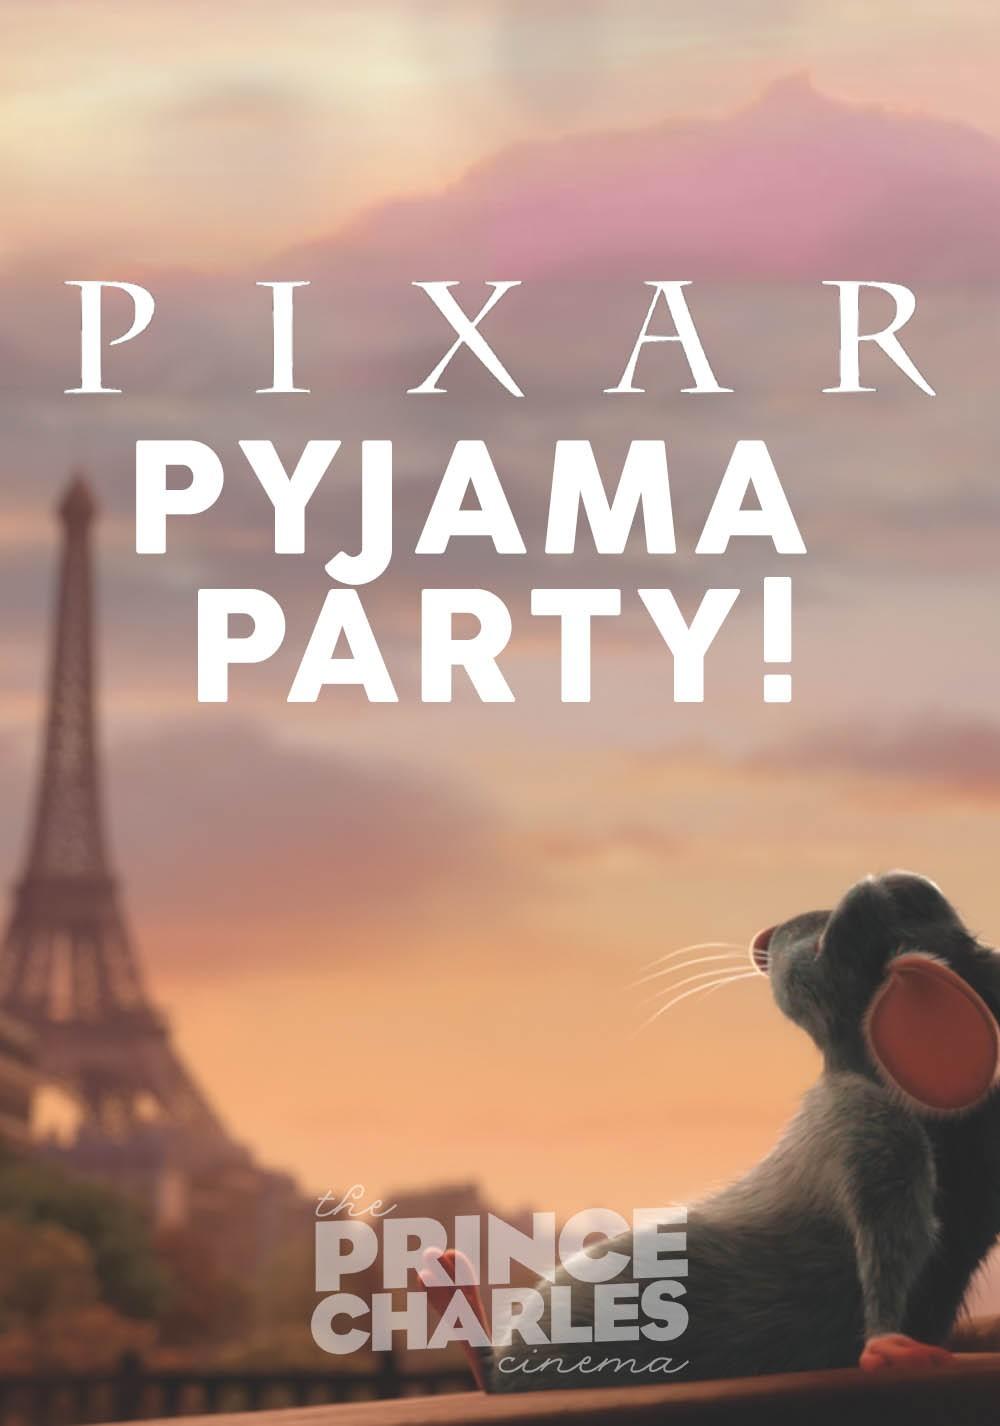 PIXAR PYJAMA PARTY